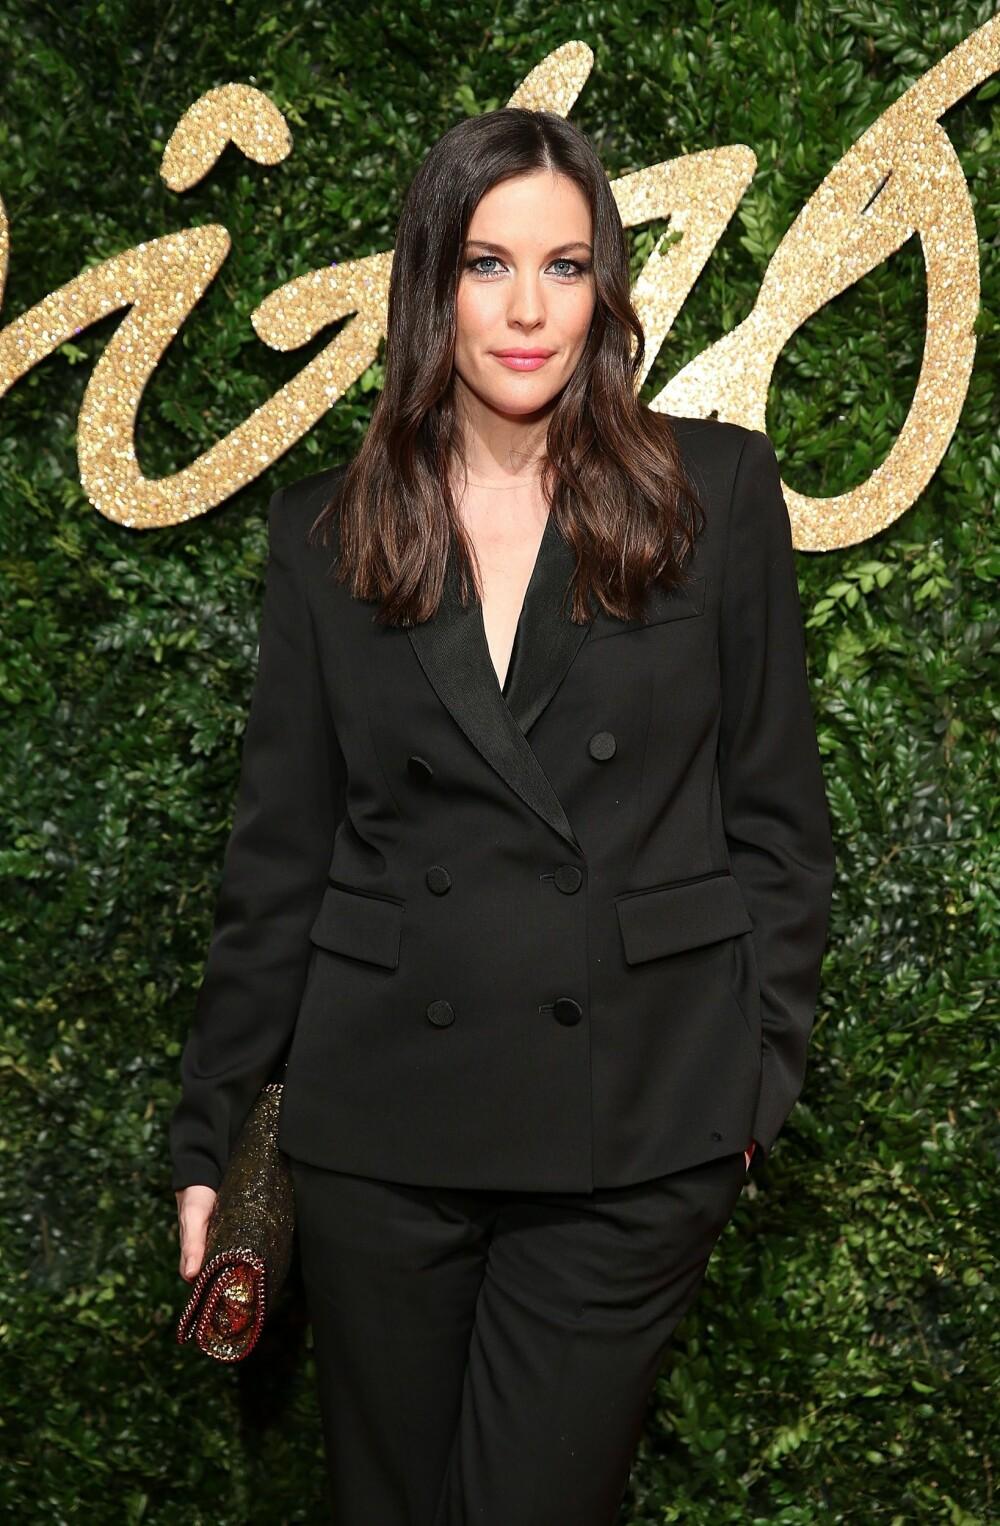 AVLANGT: Liv Tyler, med sin avlange ansiktsform, kler blant annet tette hoops.